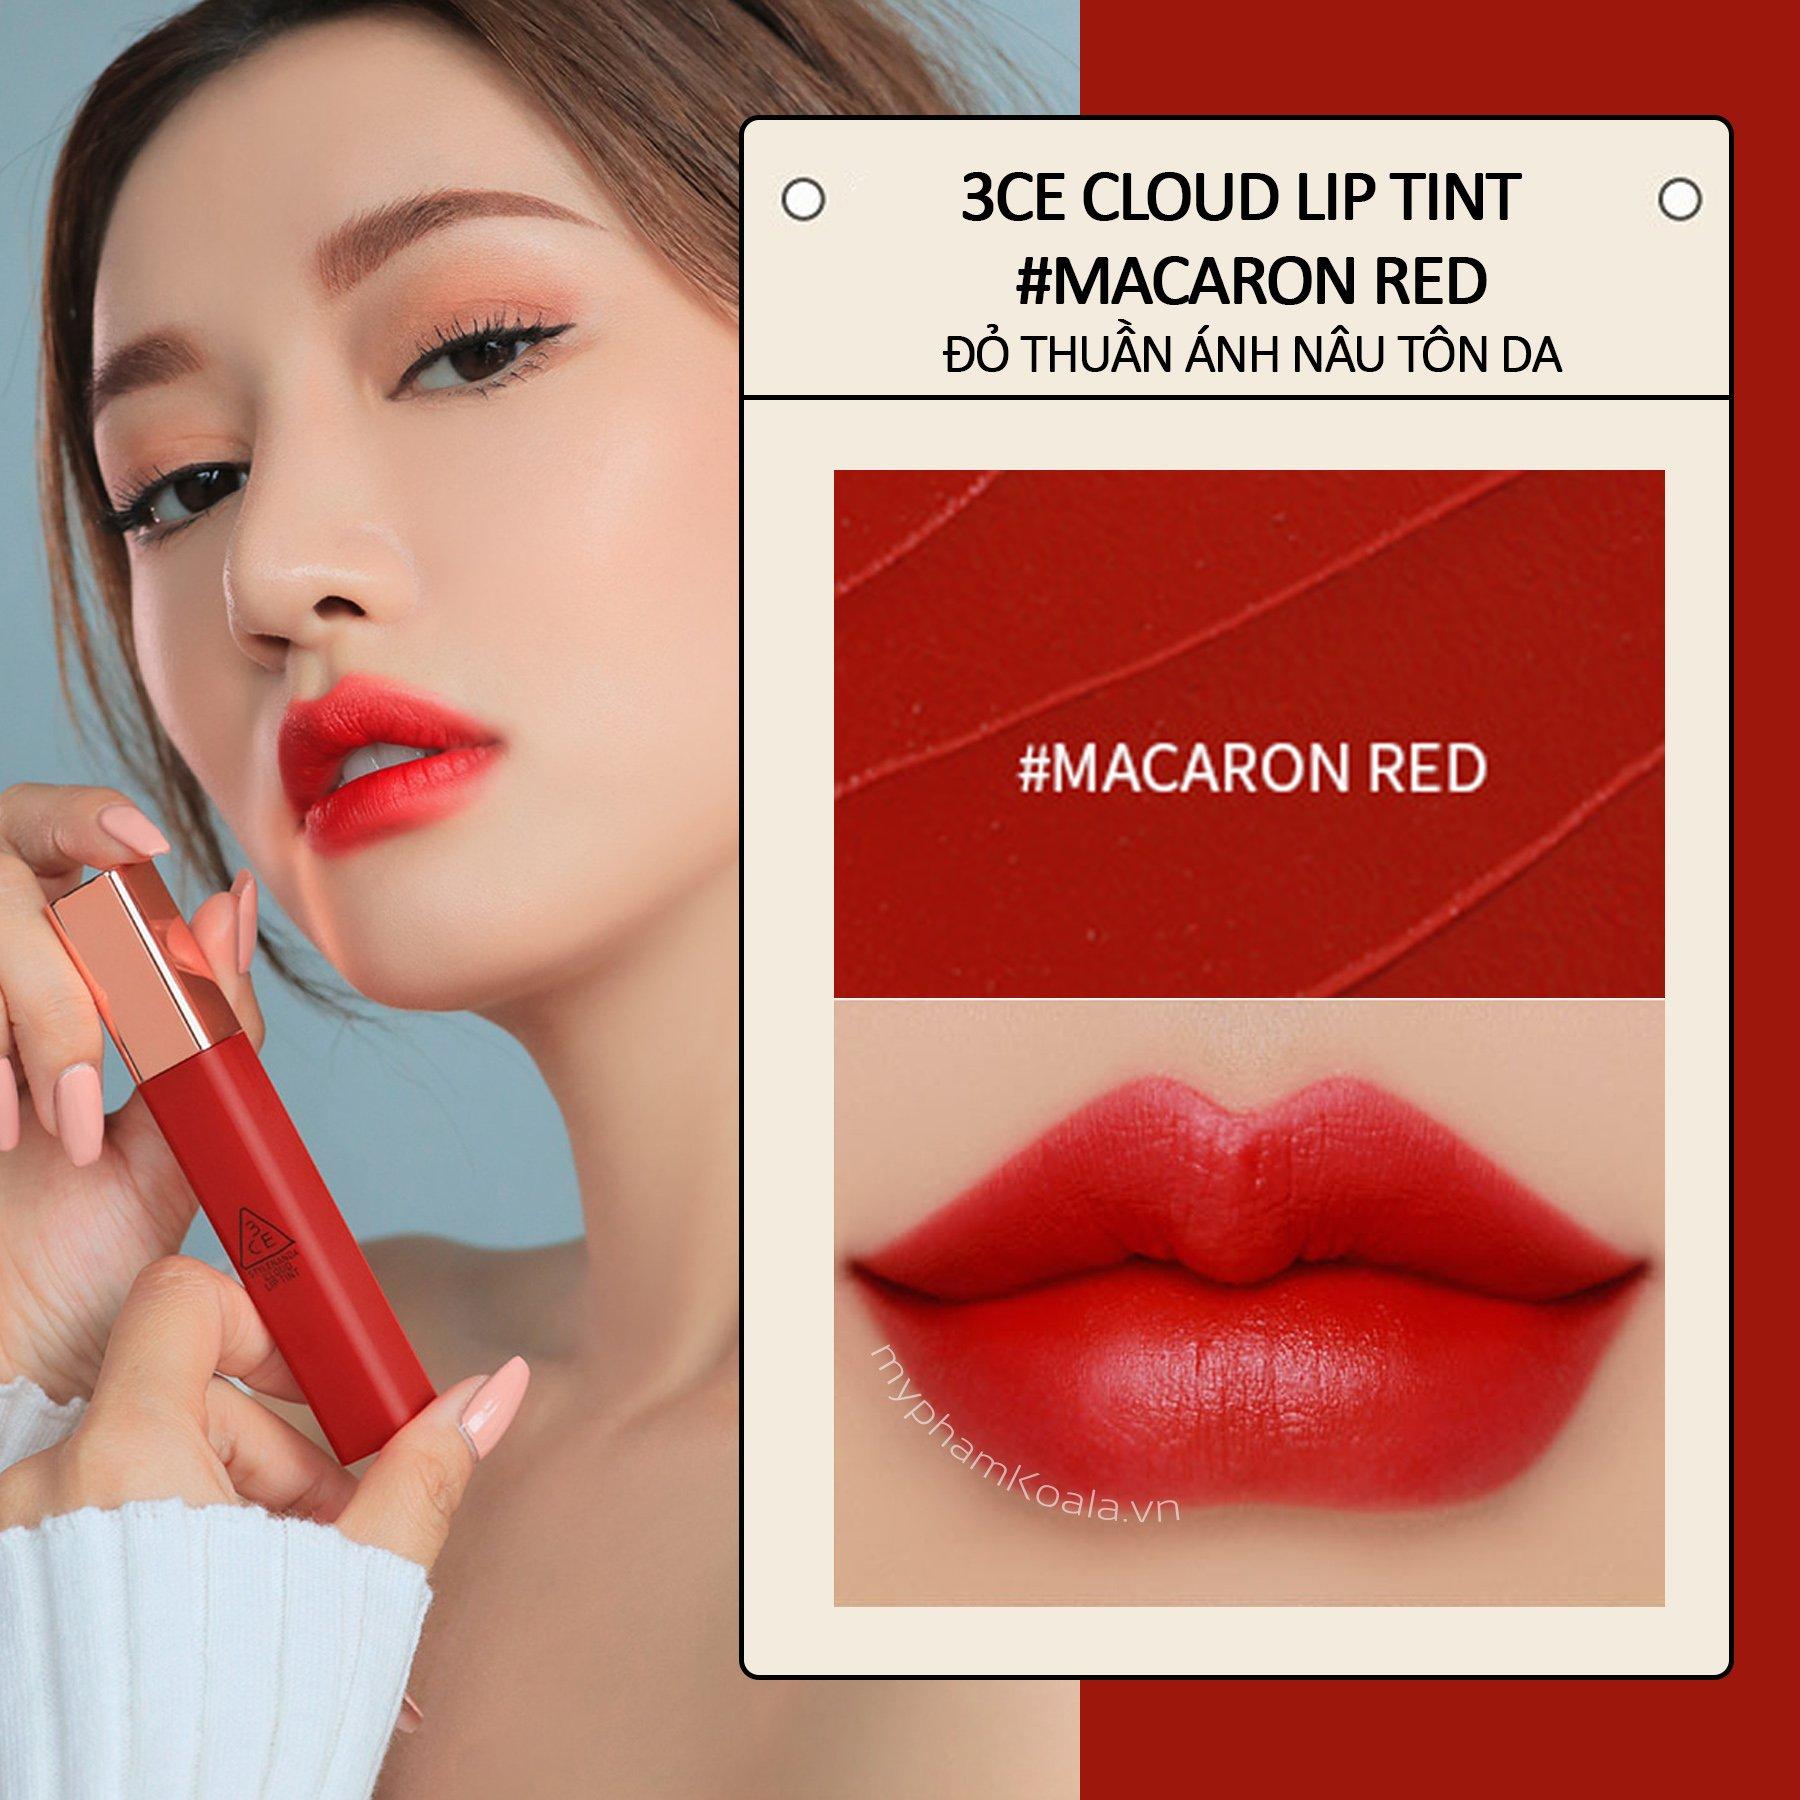 Son Kem Lì Siêu Mịn 3CE Cloud Lip Tint